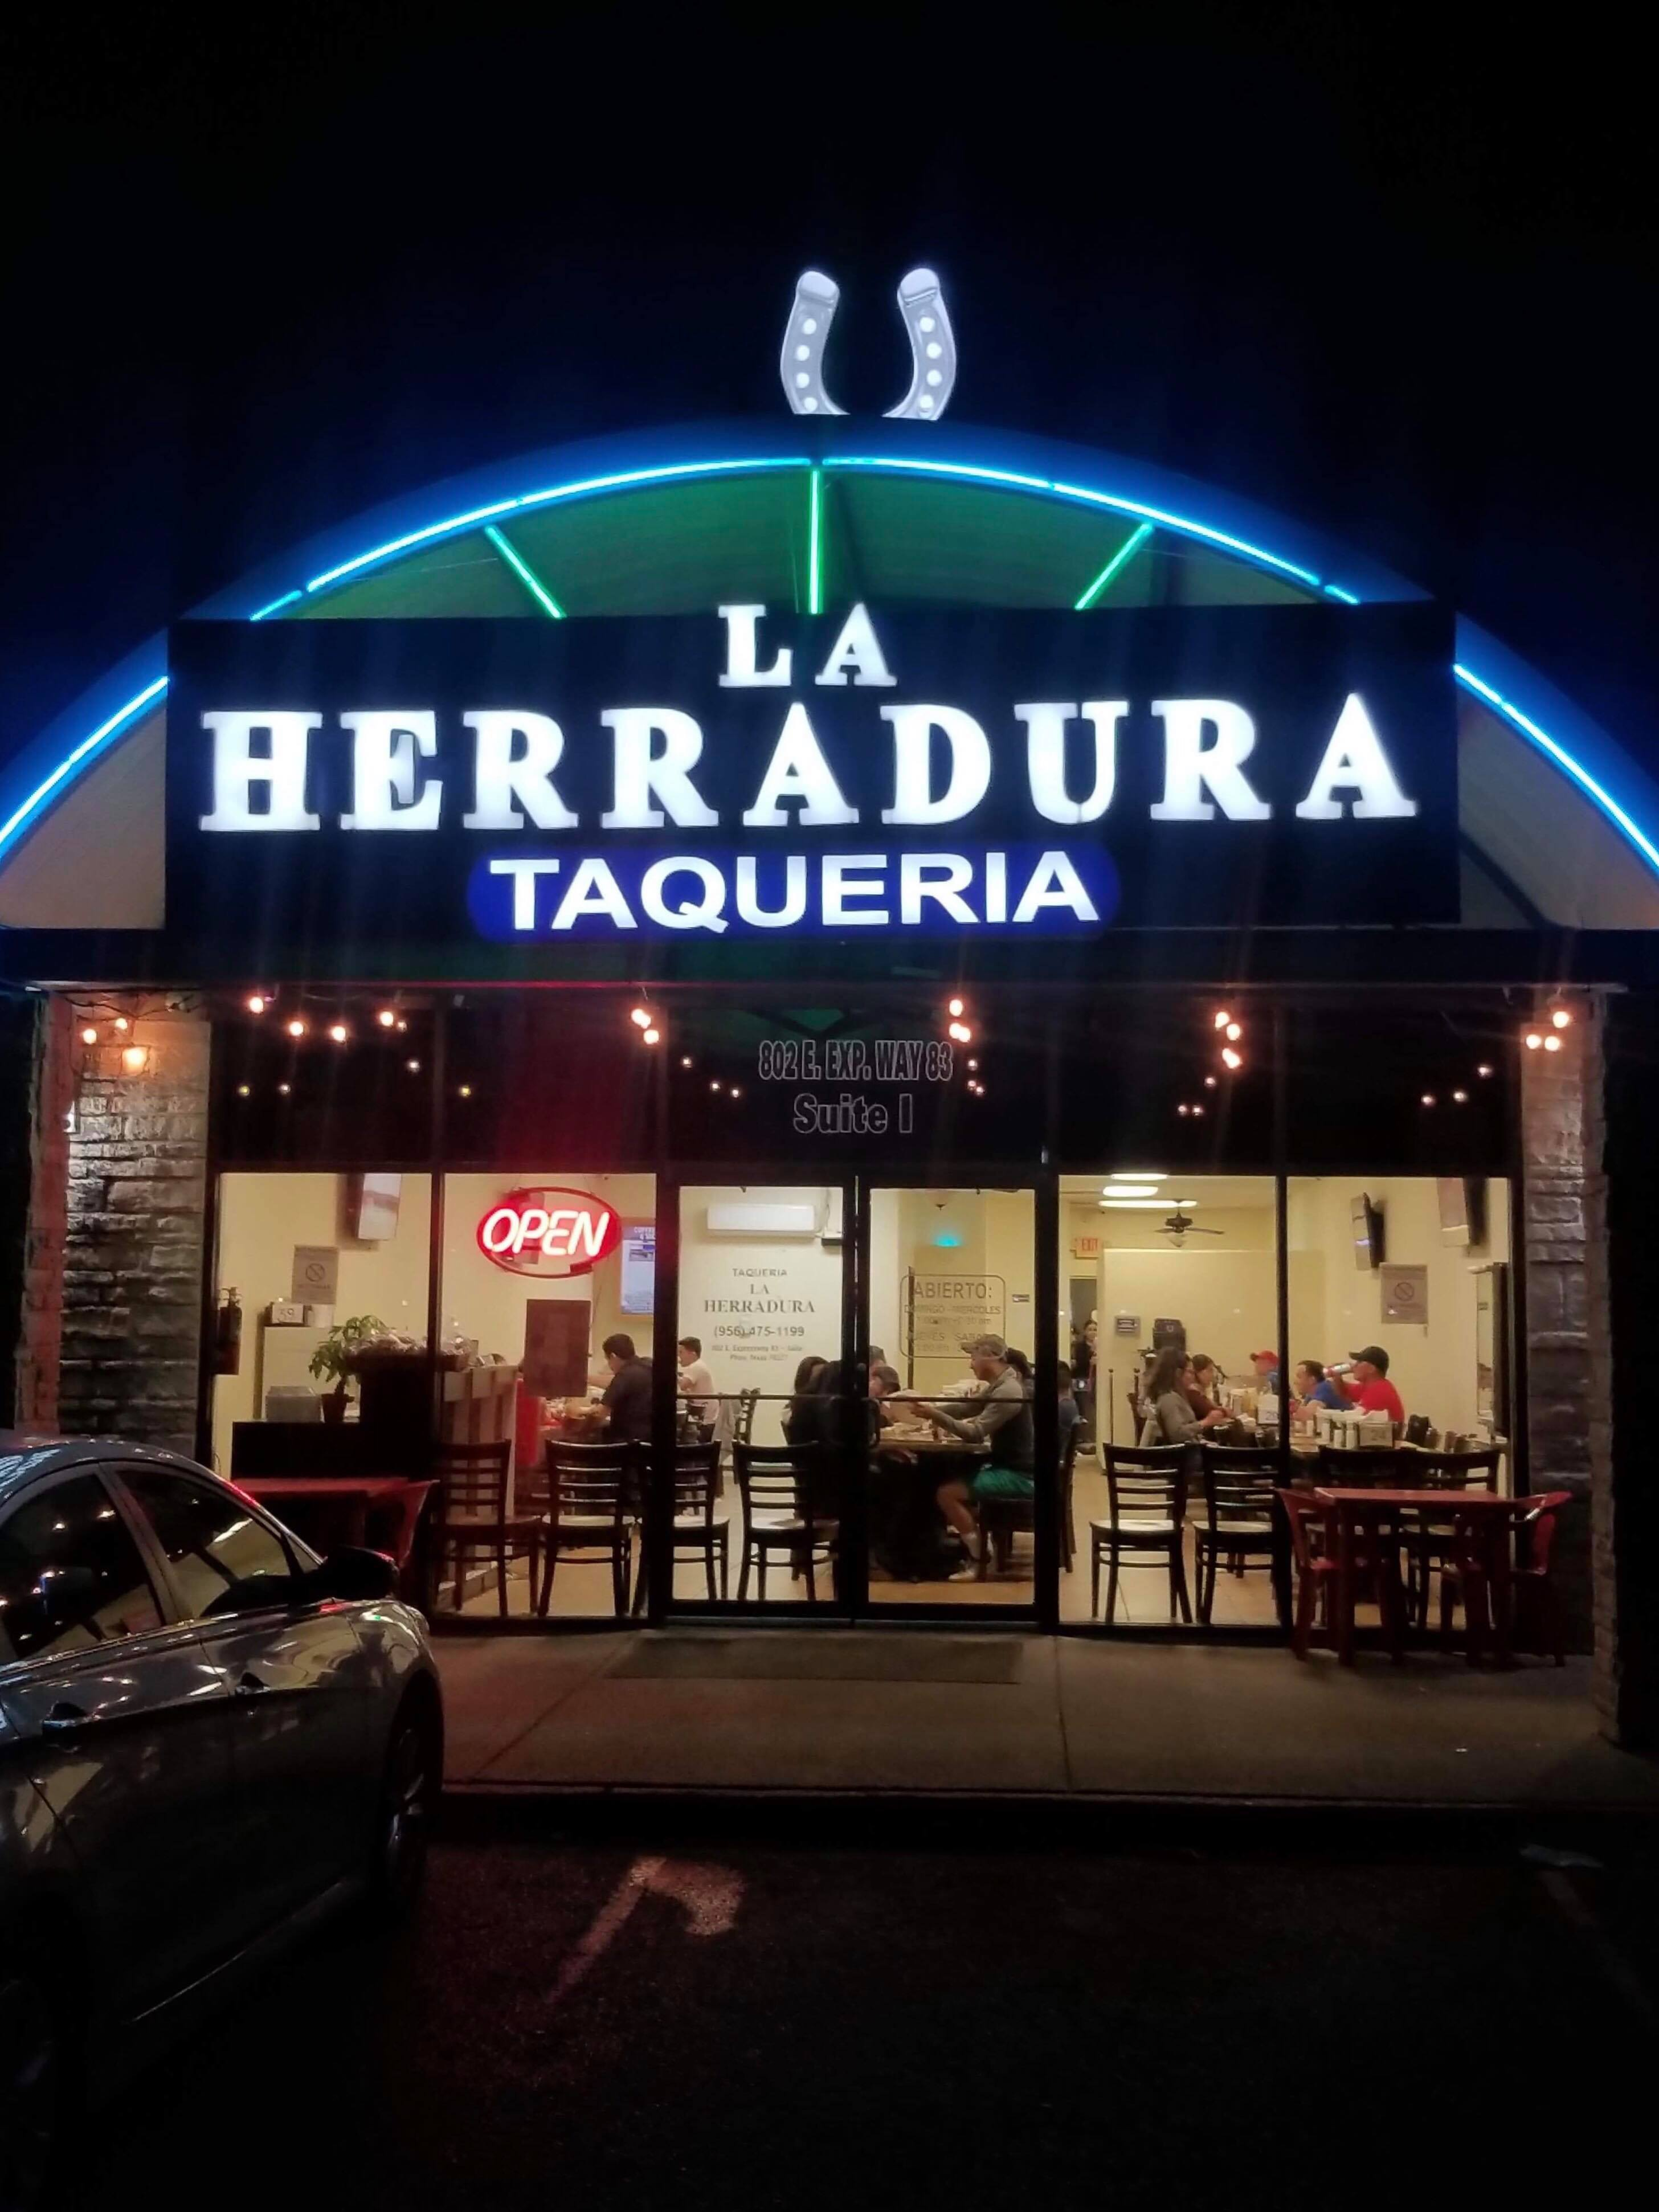 La Herradura